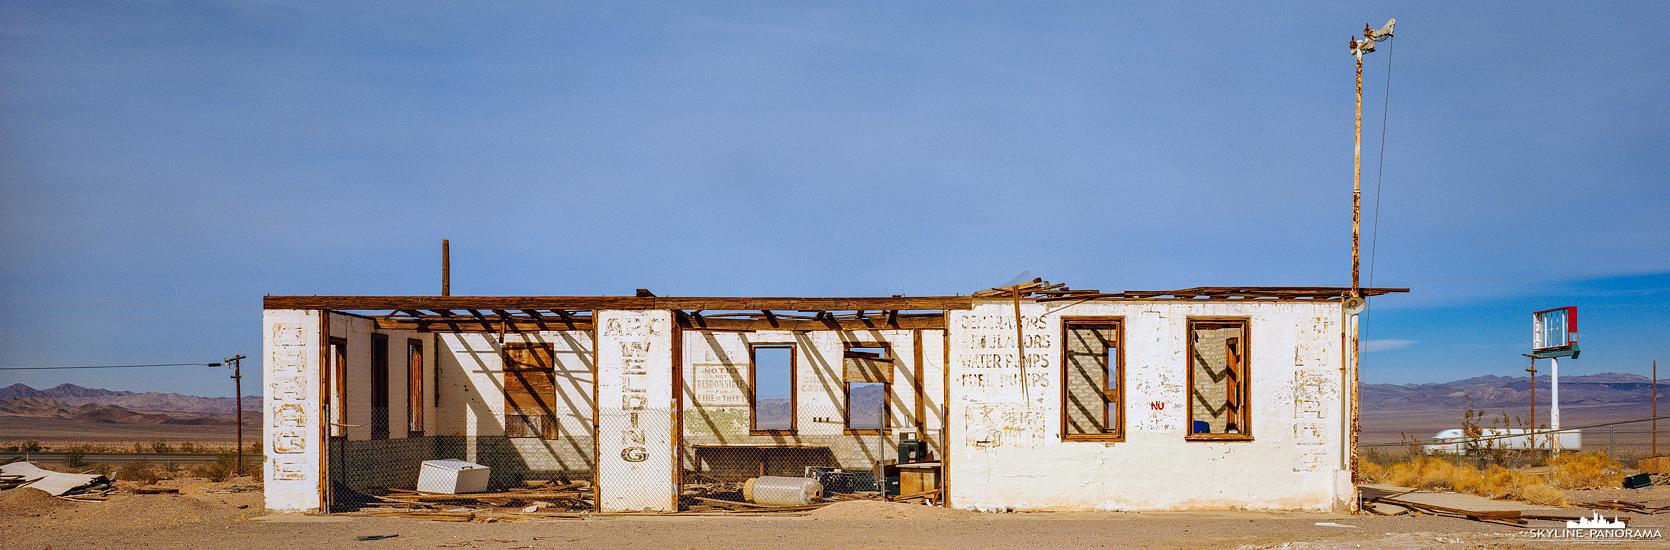 Route 66 Panorama - Eine verfallene Service Garage im Ghost Town Ludlow an der historischen Route 66 in Kalifornien. Die in den 1960er Jahren gebaute Interstate 40, machte das Befahren der Route 66 an dieser Stelle für den Verkehr unattraktiv, wodurch viele Orte dem Verfall überlassen wurden und bis heute als Erinnerung an diese Zeit in der Wüstenlandschaft zu sehen sind. Ebenfalls im Ghost Town Ludlow findet man eine verlassene iconic Route 66 Gas Station.